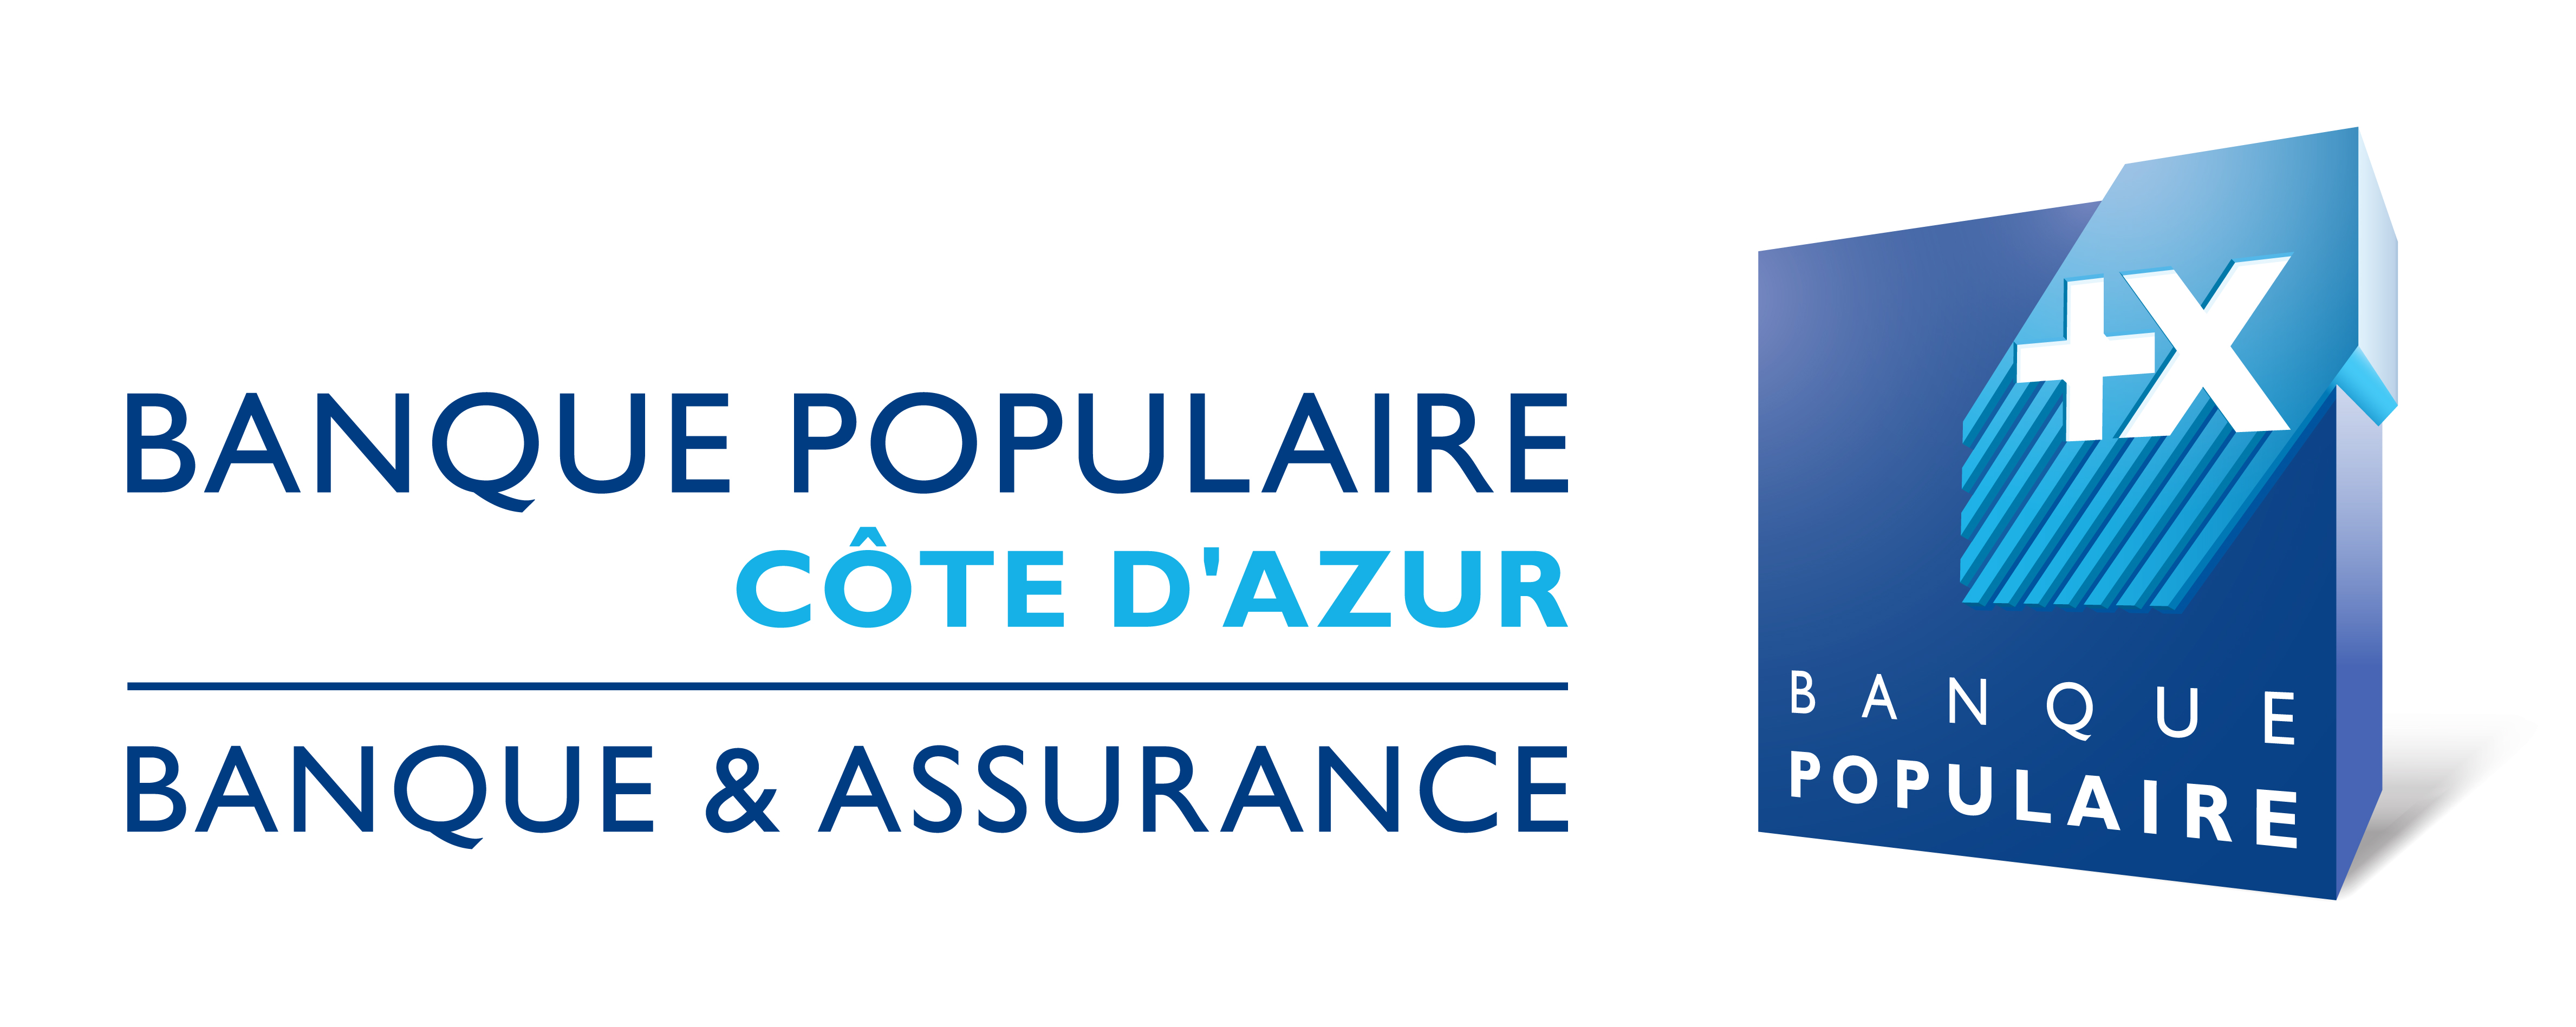 Tarifs De La Banque Populaire Cote D Azur